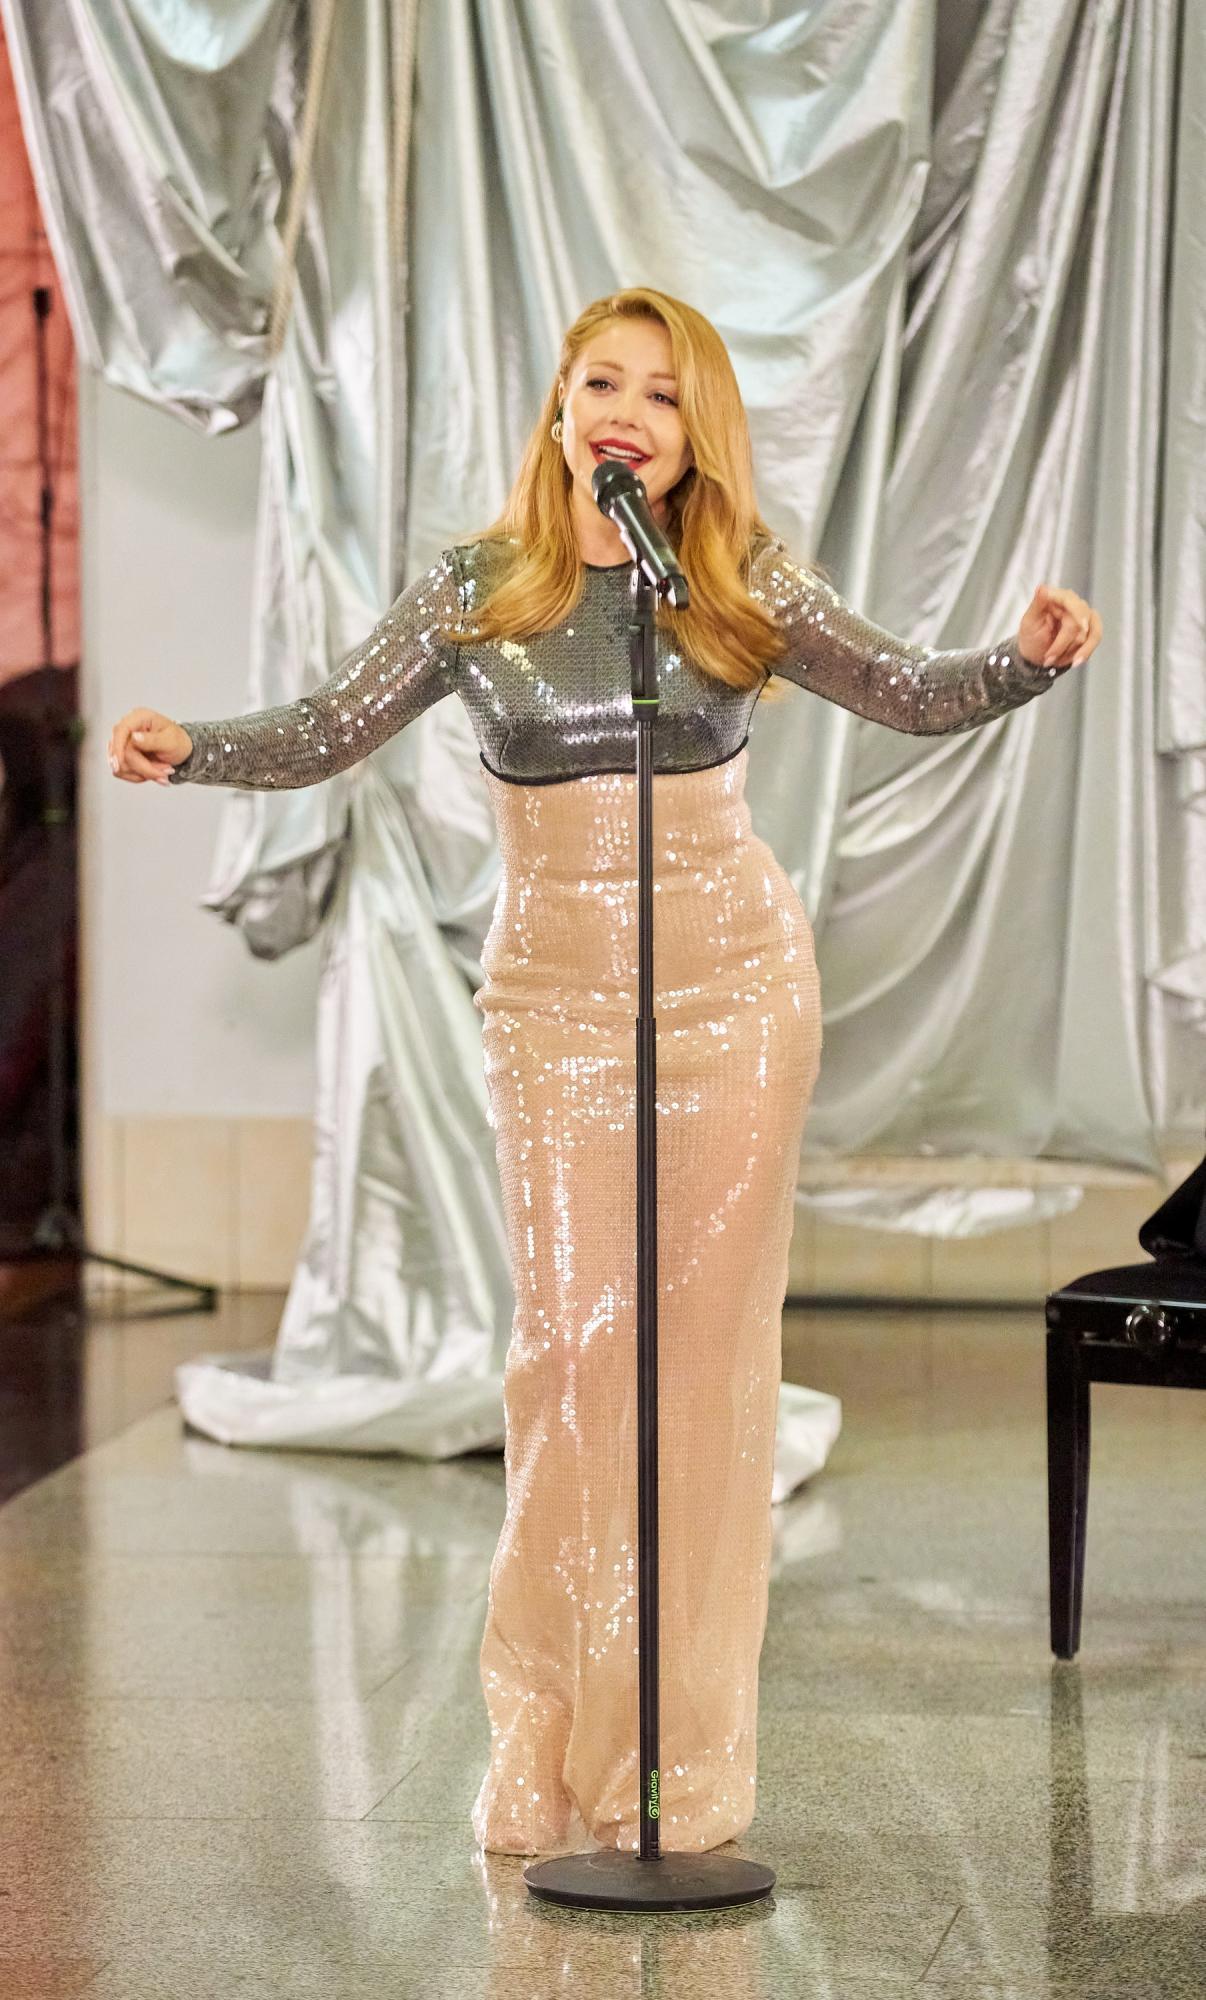 Тина Кароль стала петь в подземке - пассажиры не верят глазам: все так плохо после карантина